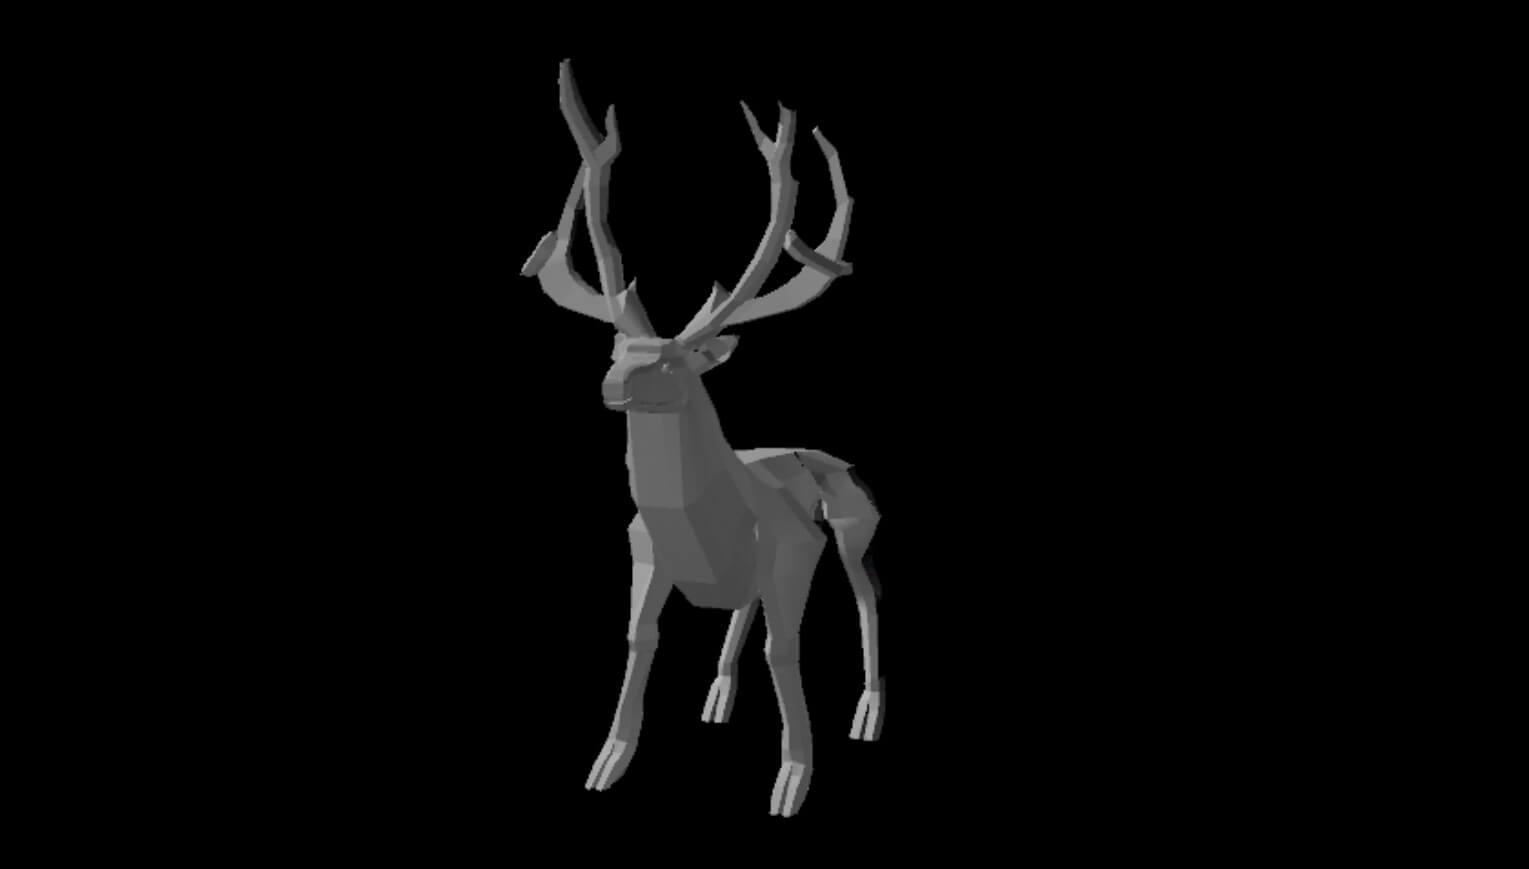 Matthew_Hewitson-Deer